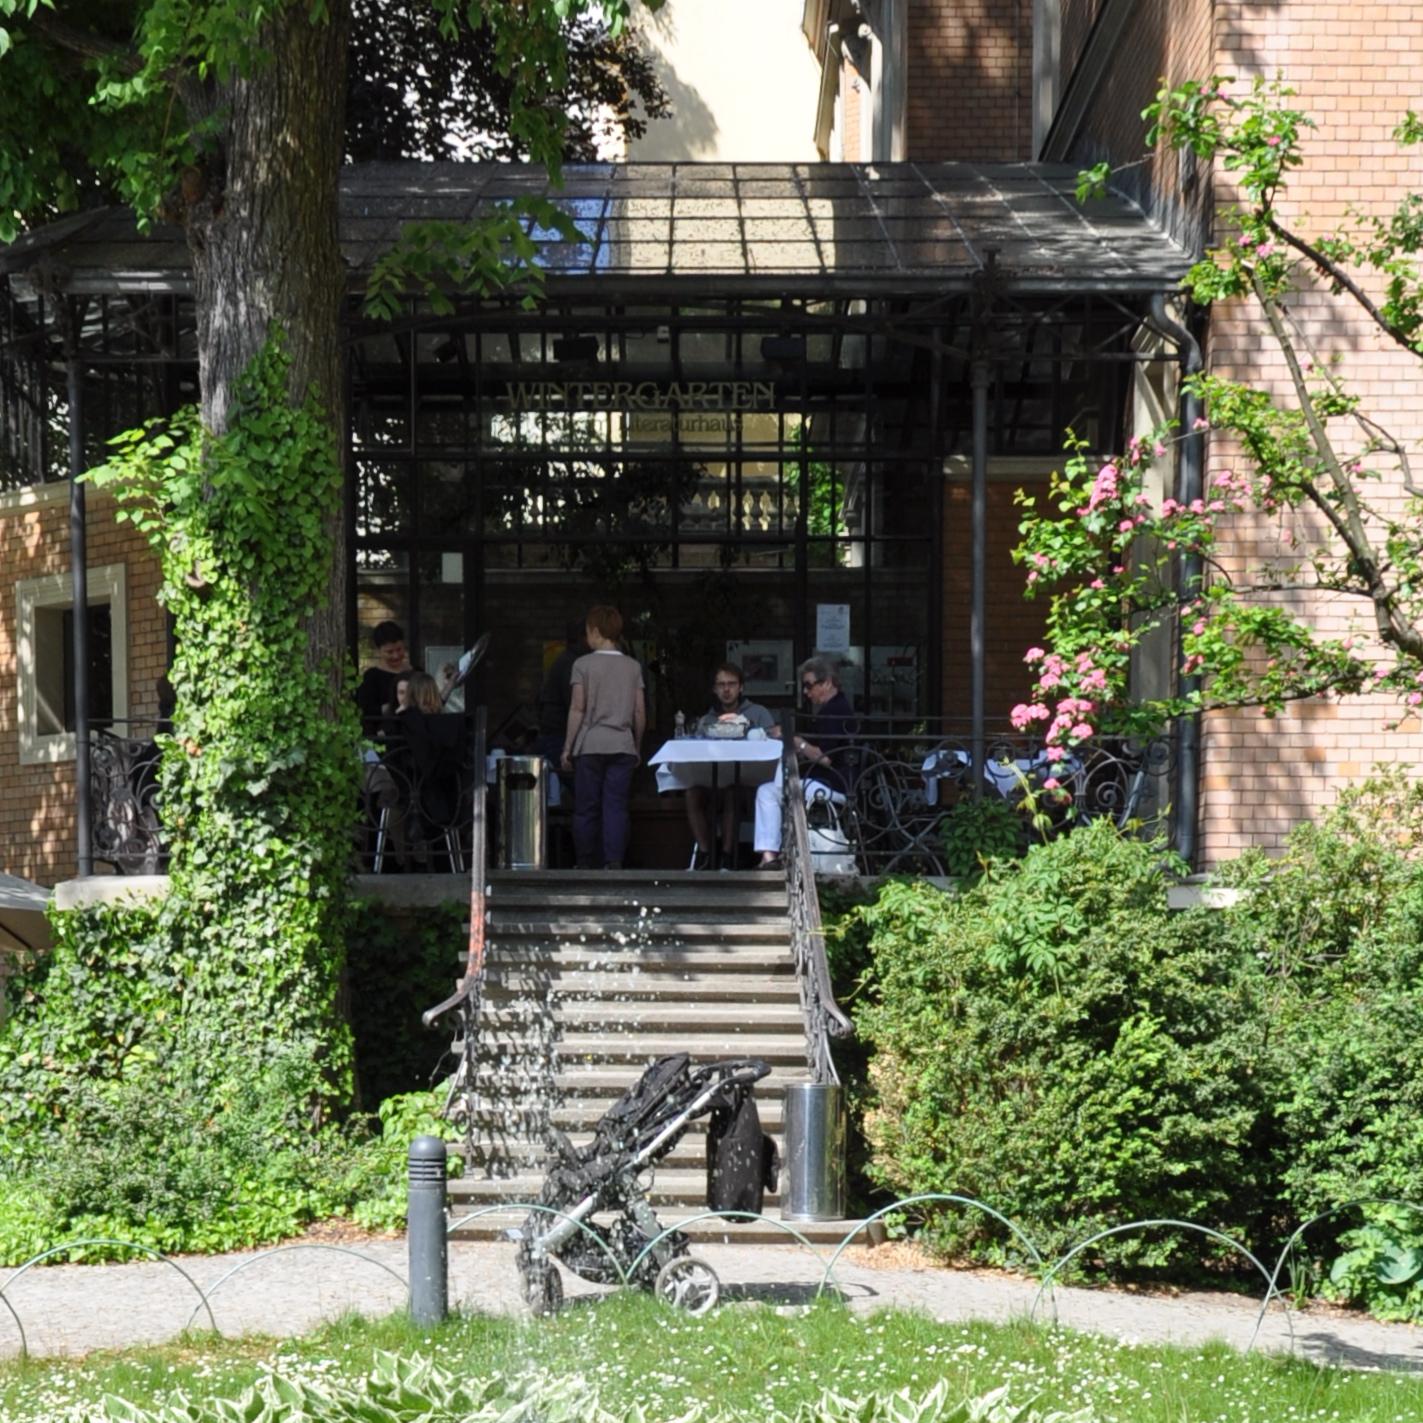 Literaturhaus-Berlin-Wintergarten-Cafe-Eingang